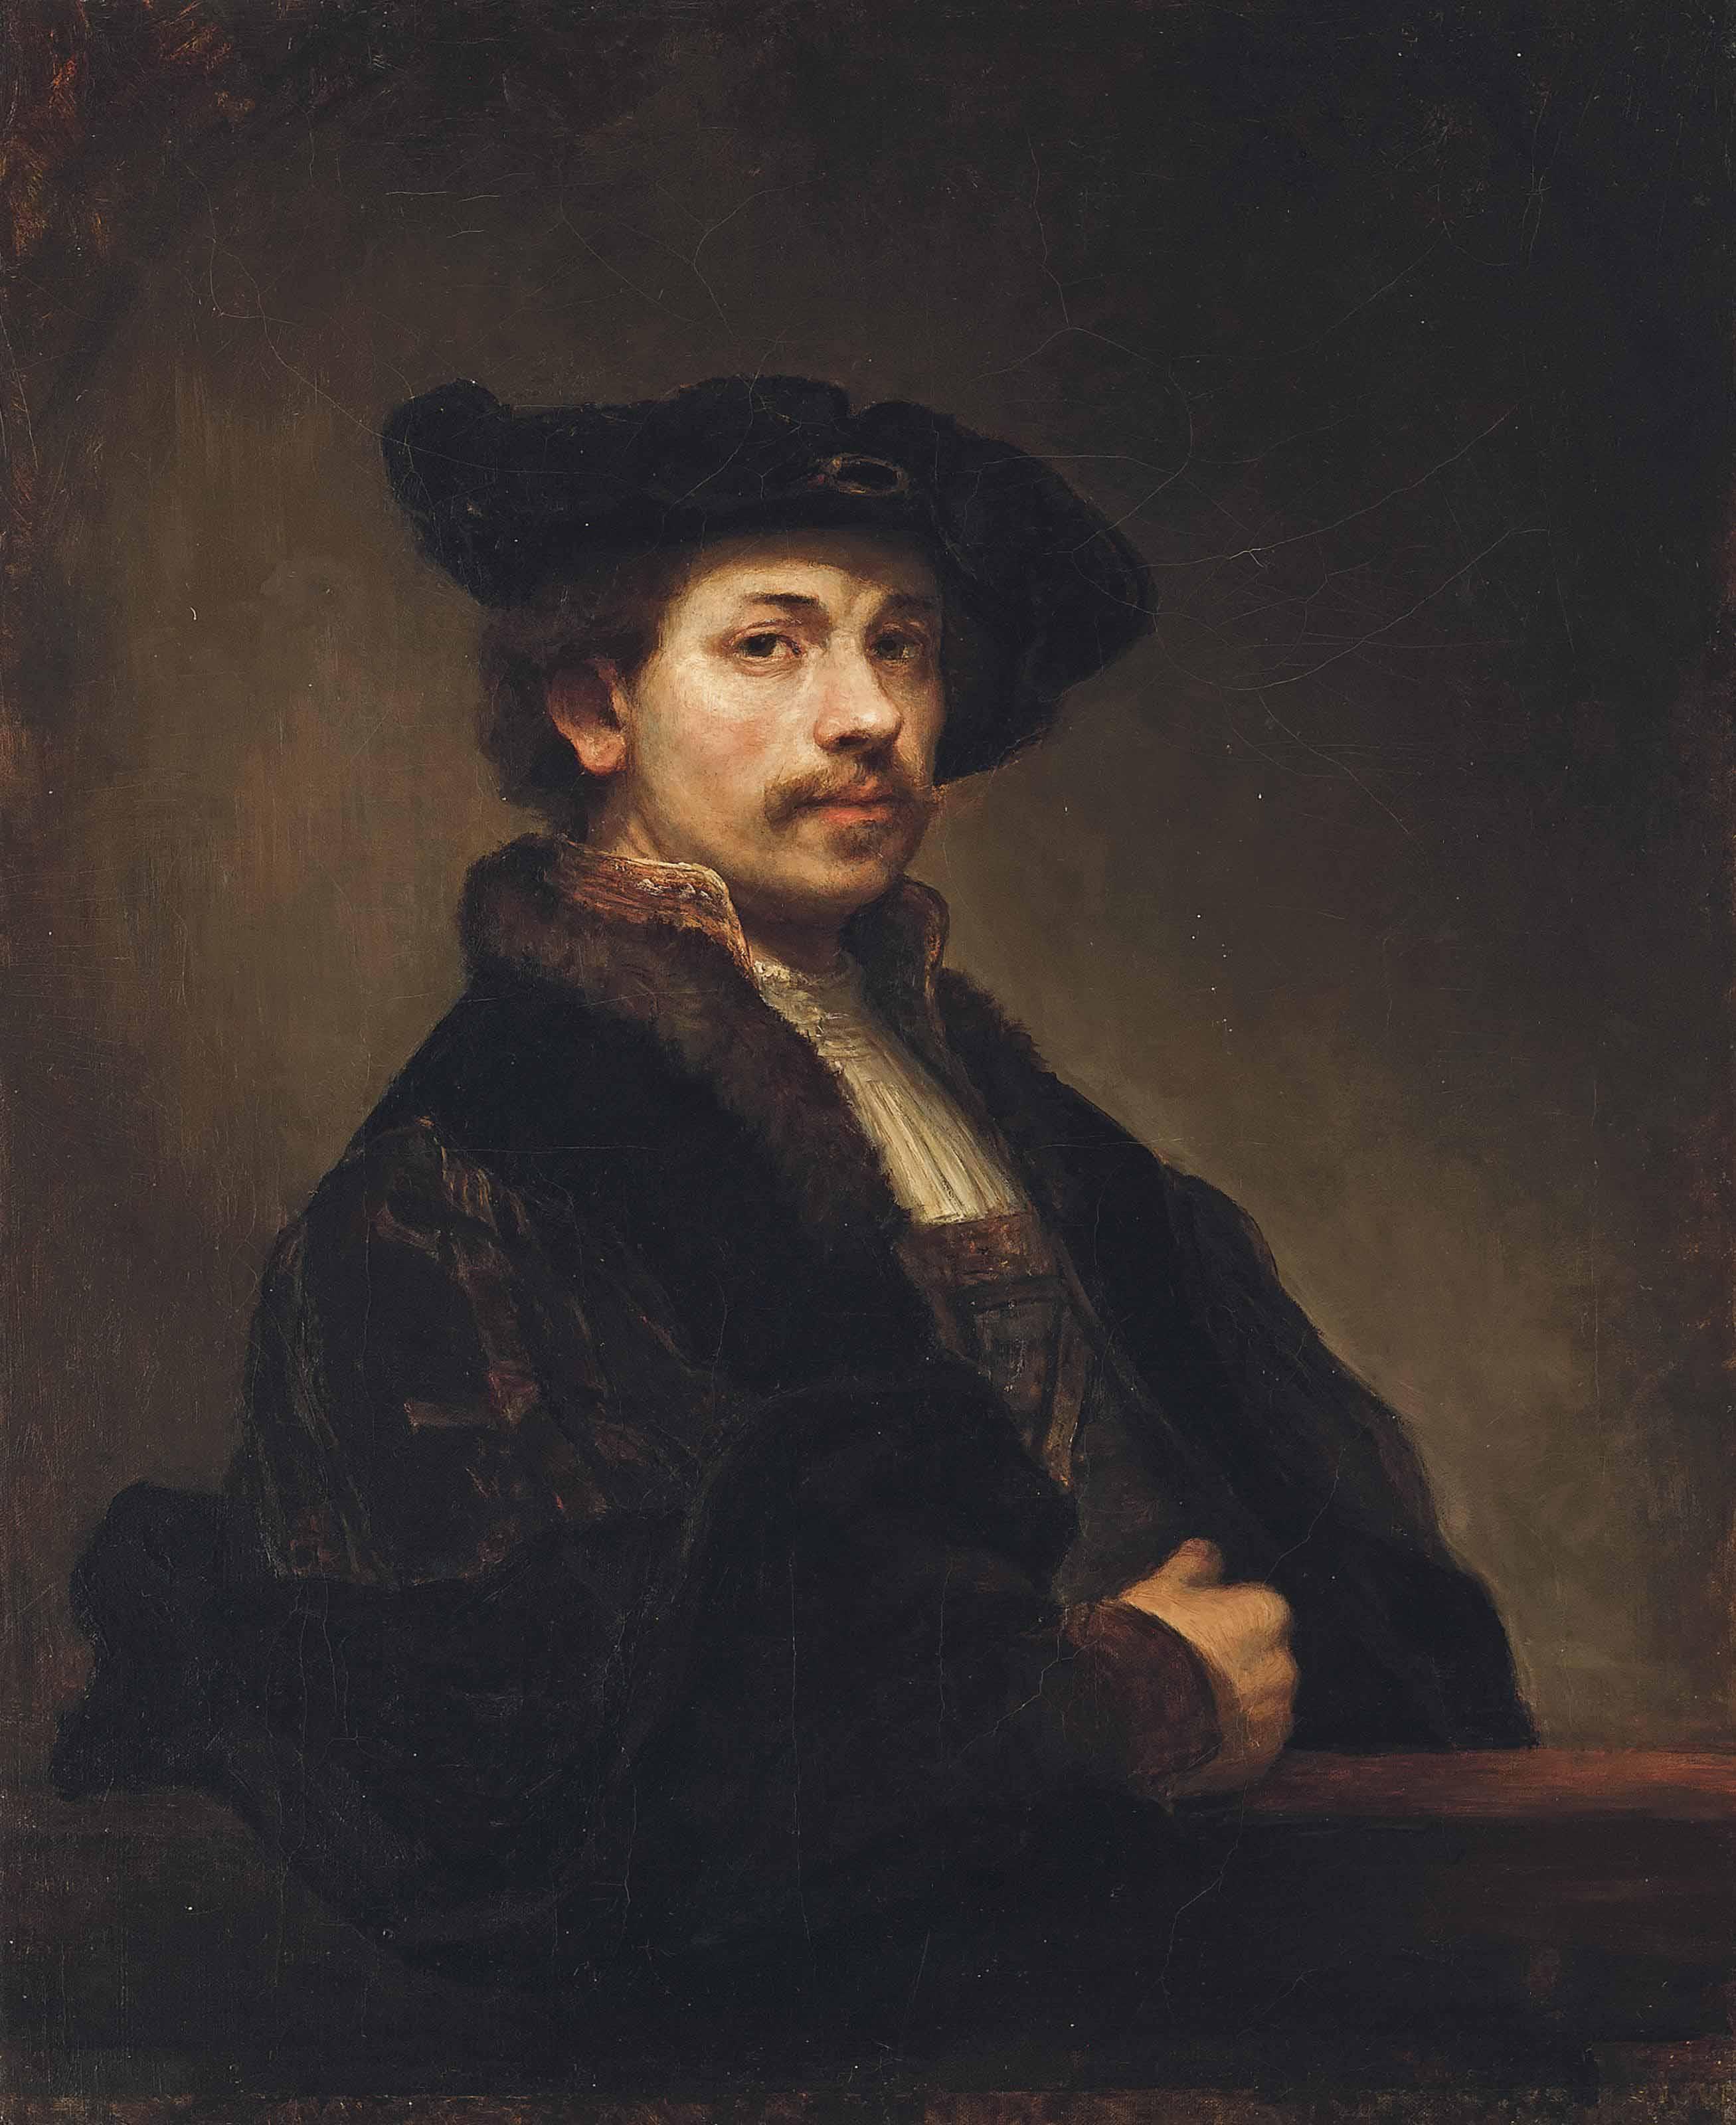 A portrait of Rembrandt Harmensz. van Rijn at the age of 34